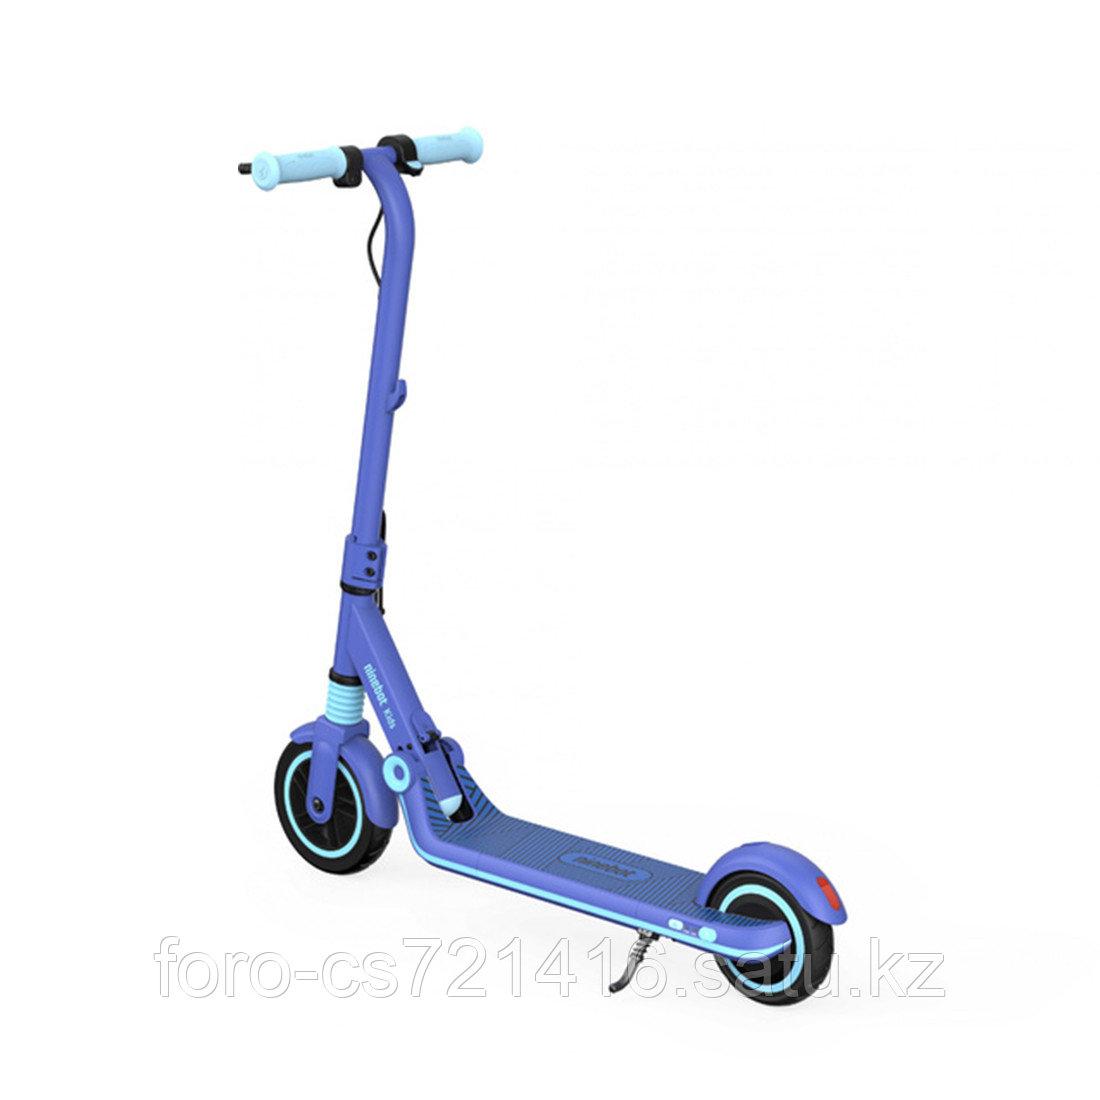 Электросамокат детский Ninebot KickScooter E8 Синий - фото 2